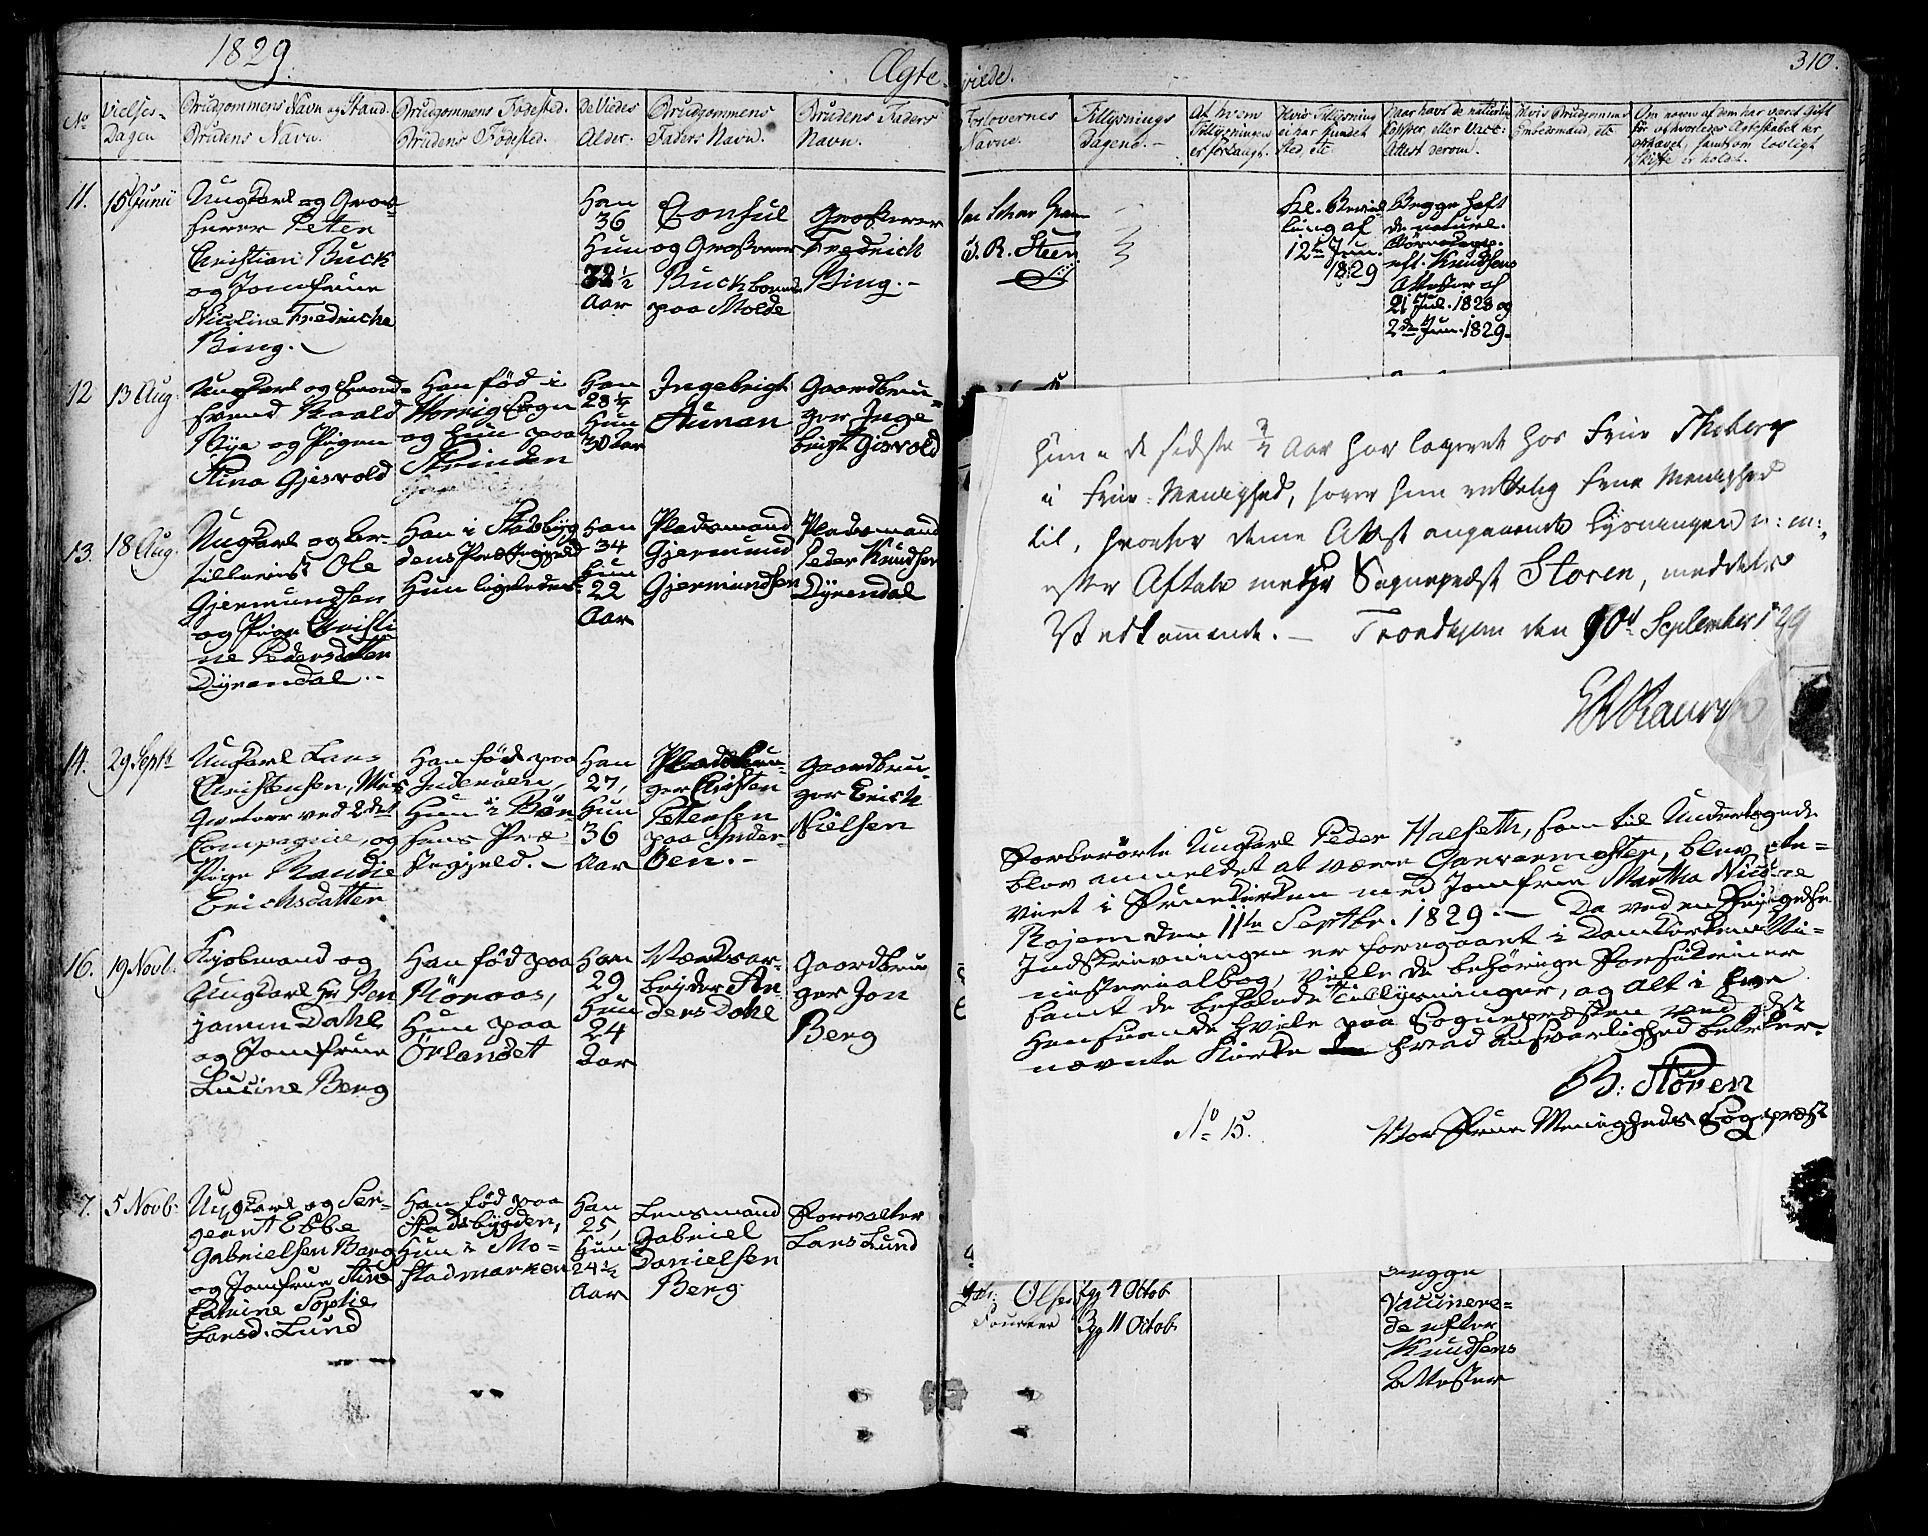 SAT, Ministerialprotokoller, klokkerbøker og fødselsregistre - Sør-Trøndelag, 602/L0109: Ministerialbok nr. 602A07, 1821-1840, s. 310